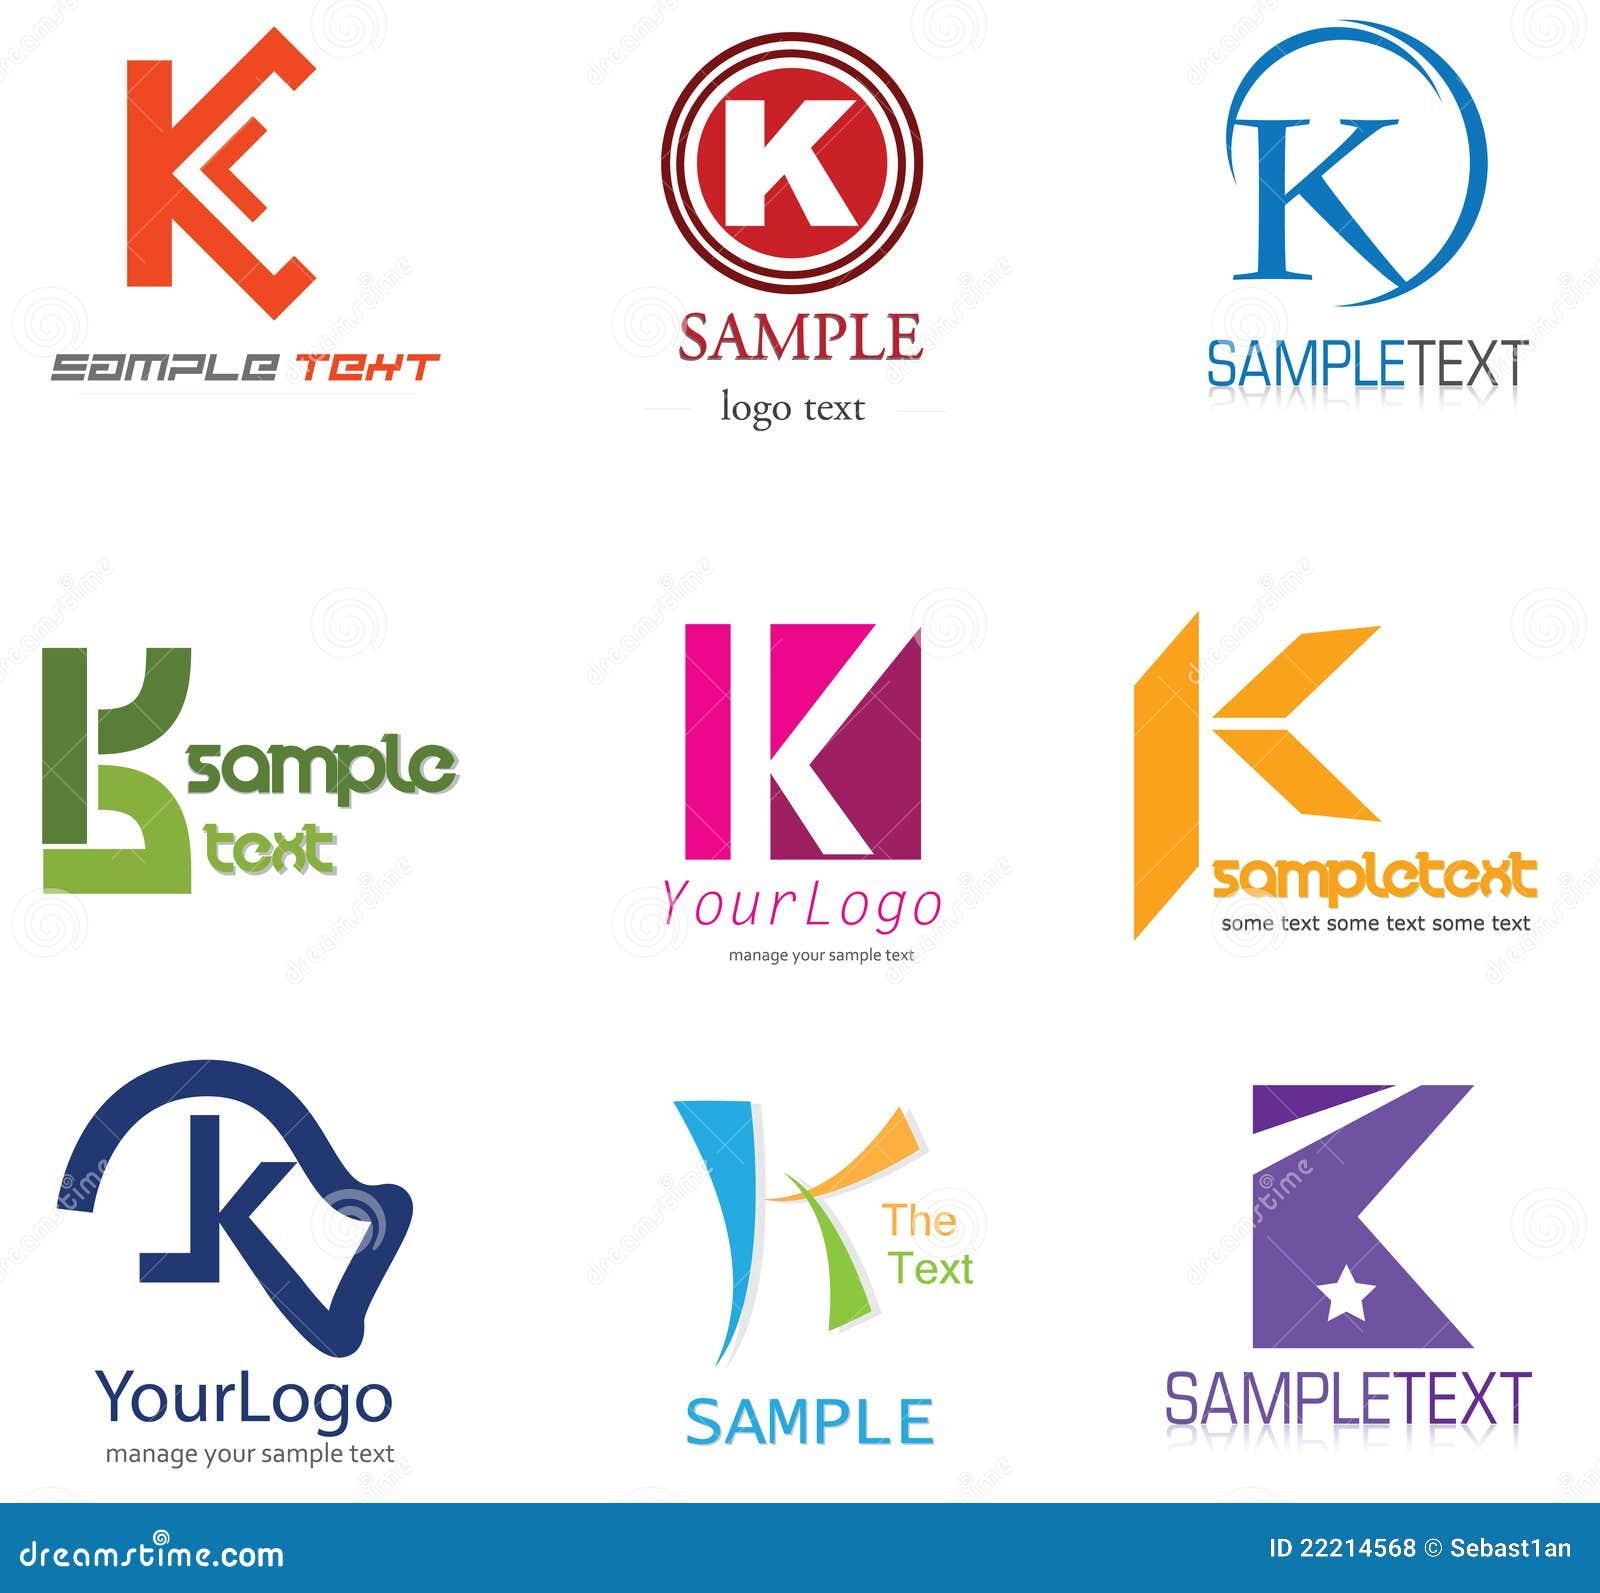 Как сделать лого на всю длинну